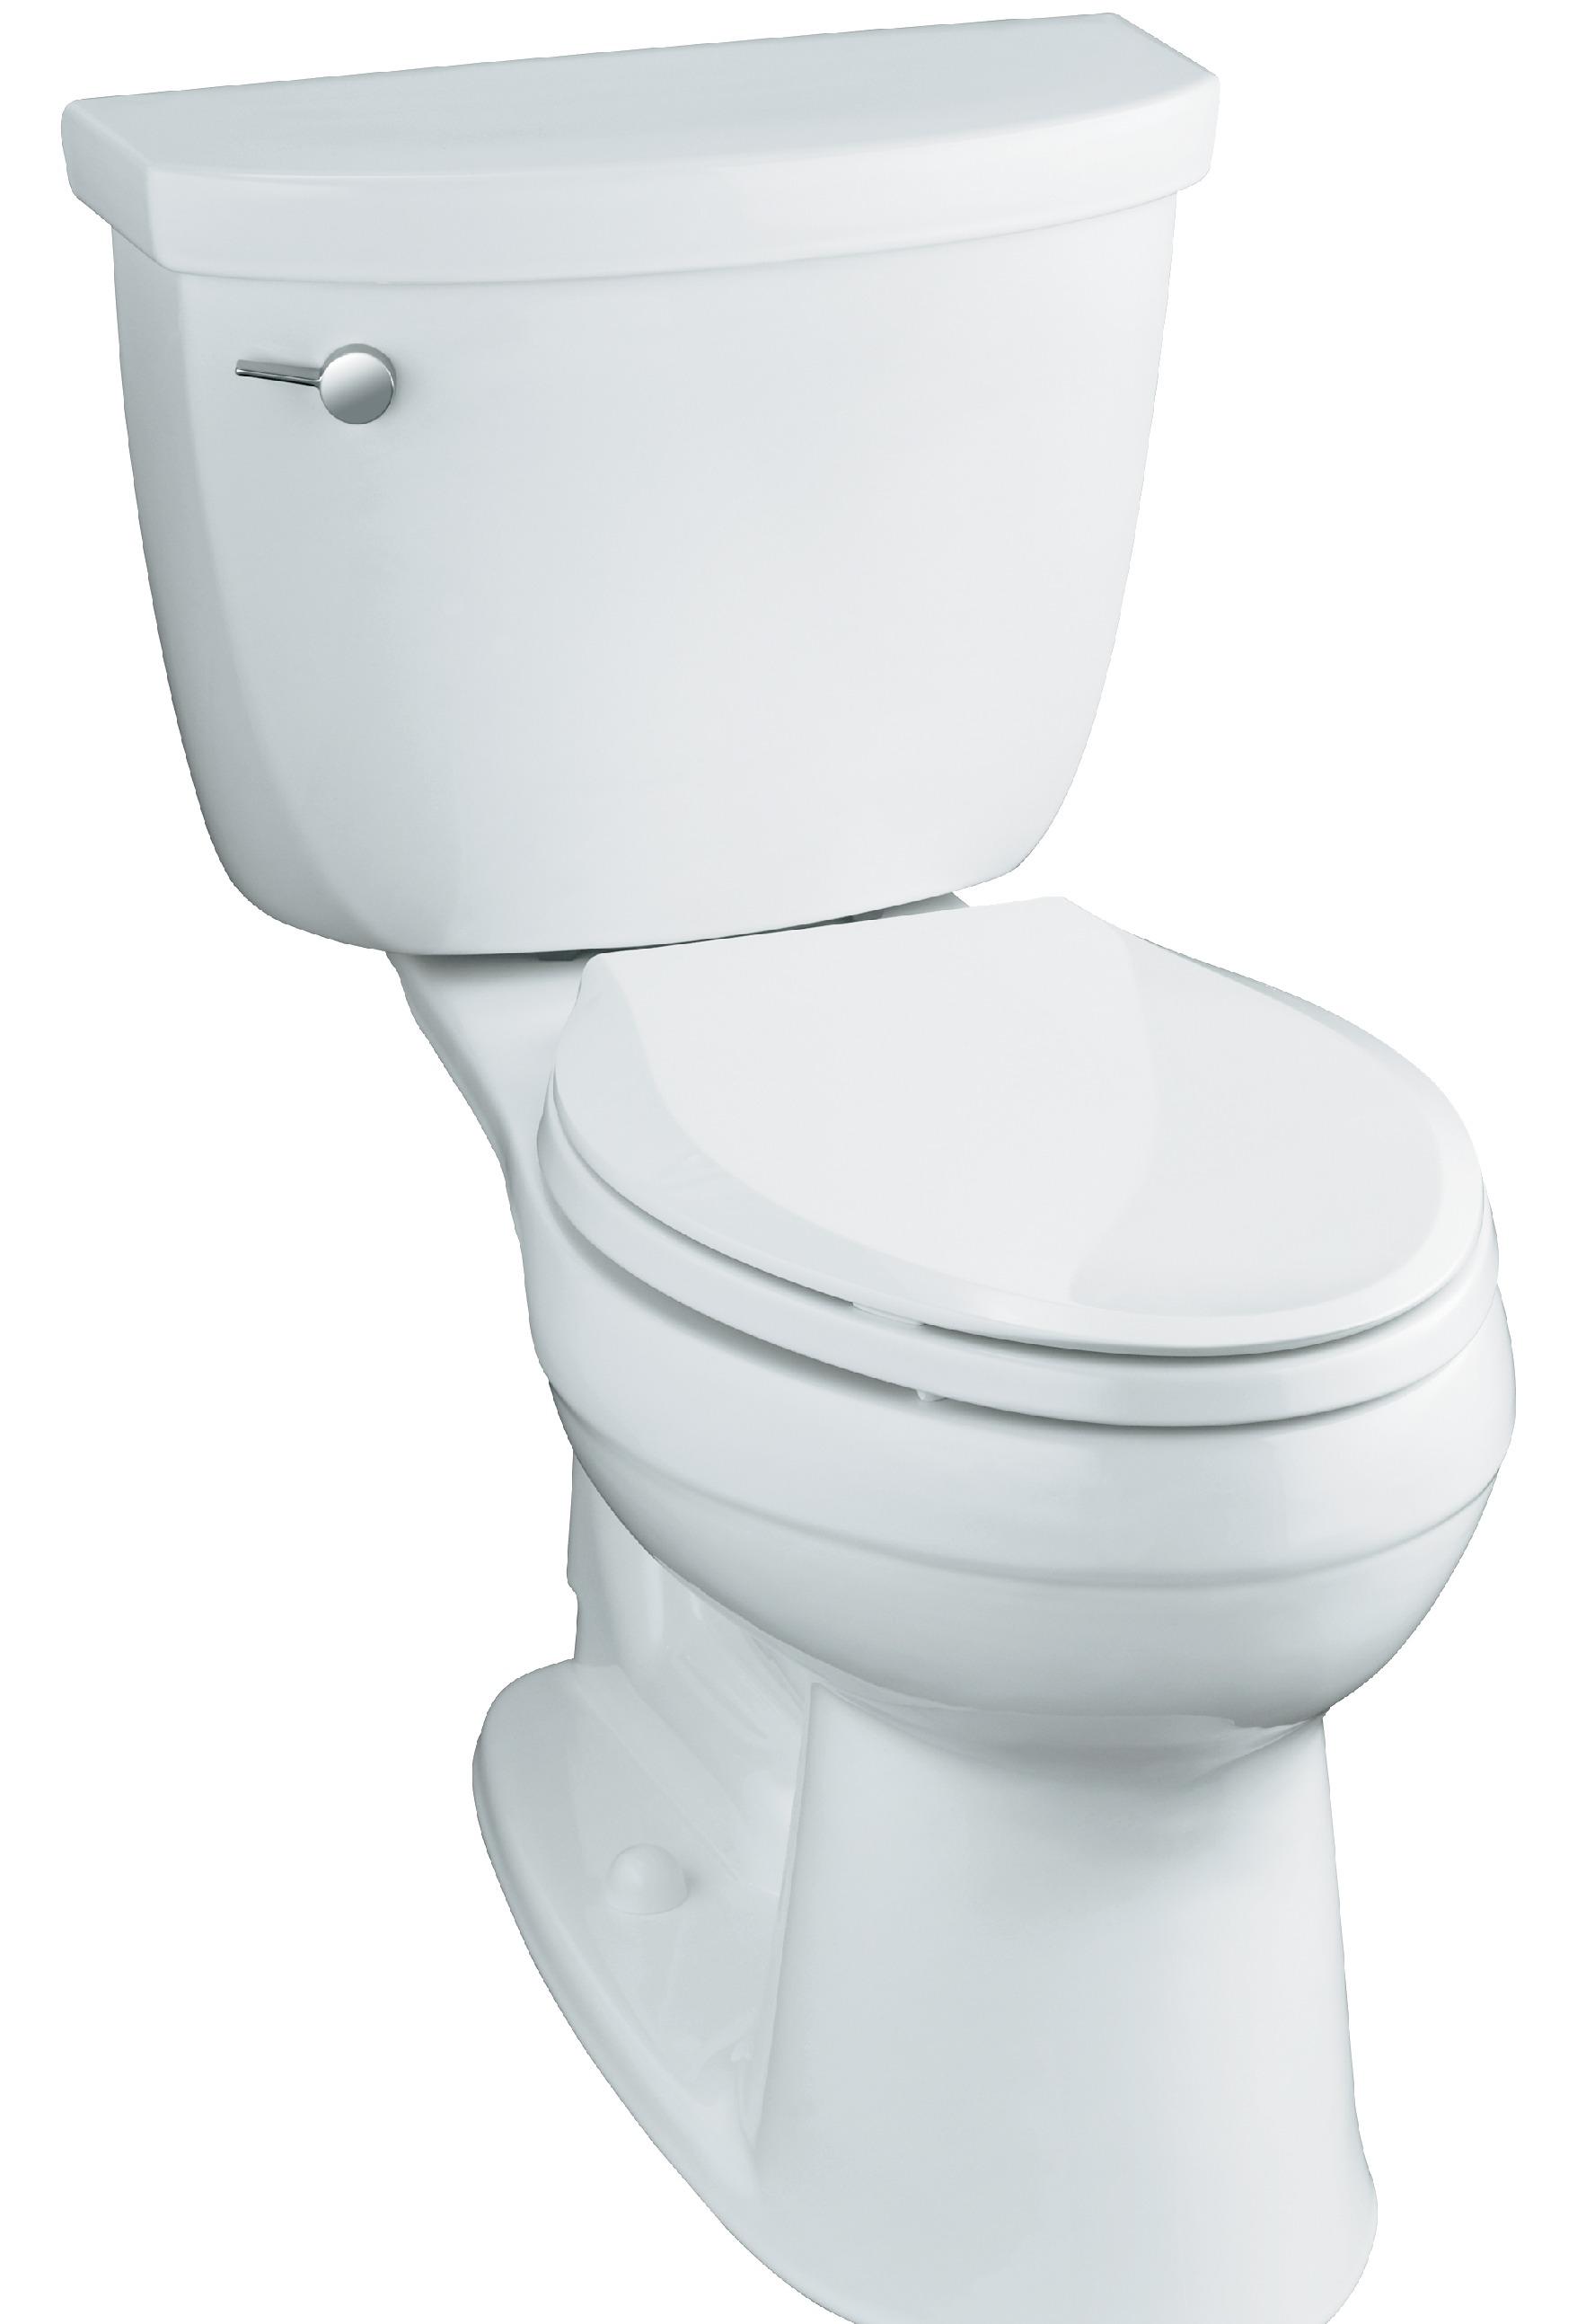 Kohler Toilet_edited